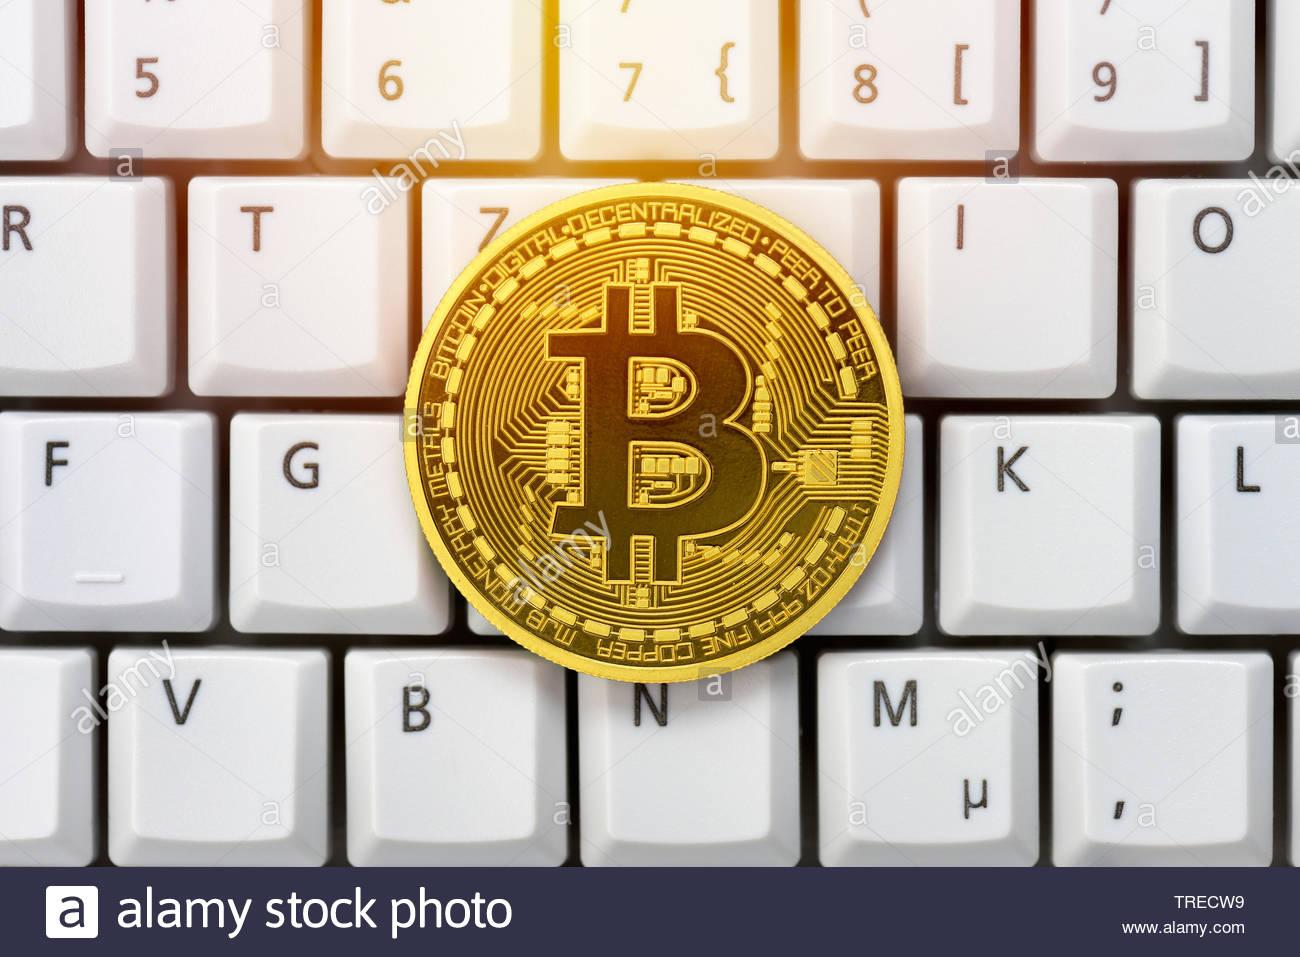 Bitcoin on a keyboard Stock Photo